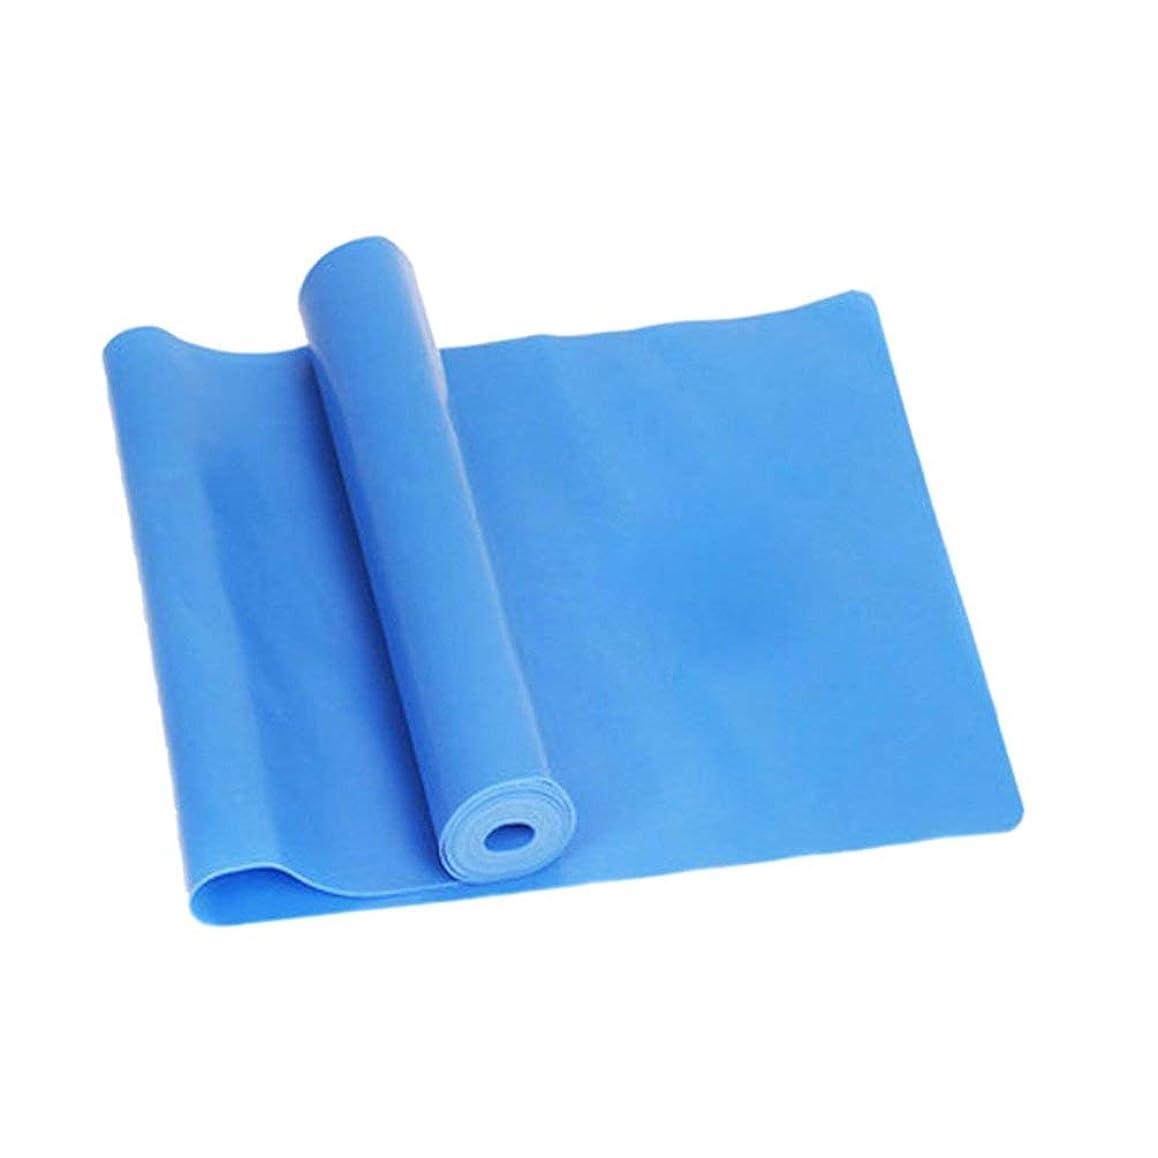 アライメント矢印小さいスポーツジムフィットネスヨガ用品筋力トレーニング弾性抵抗バンドトレーニングヨガゴムループスポーツピラテスバンド - ブルー